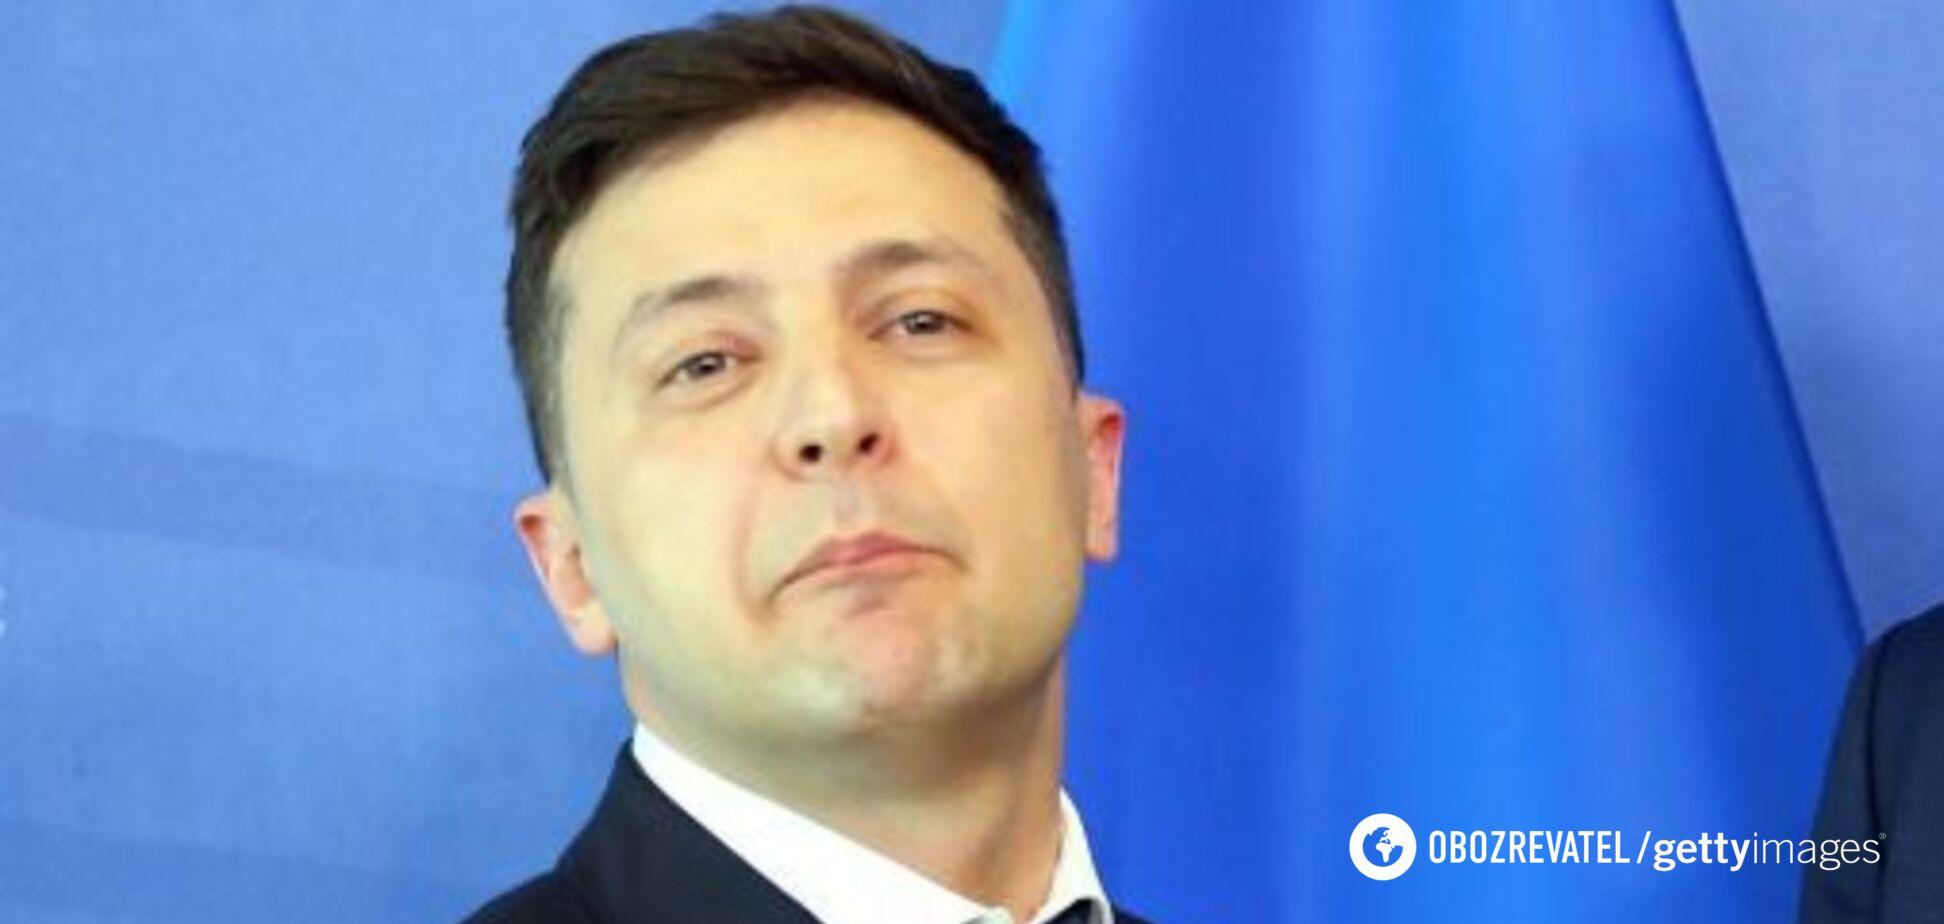 'Всех нагнули!' В 'ДНР' обратились к Зеленскому за помощью